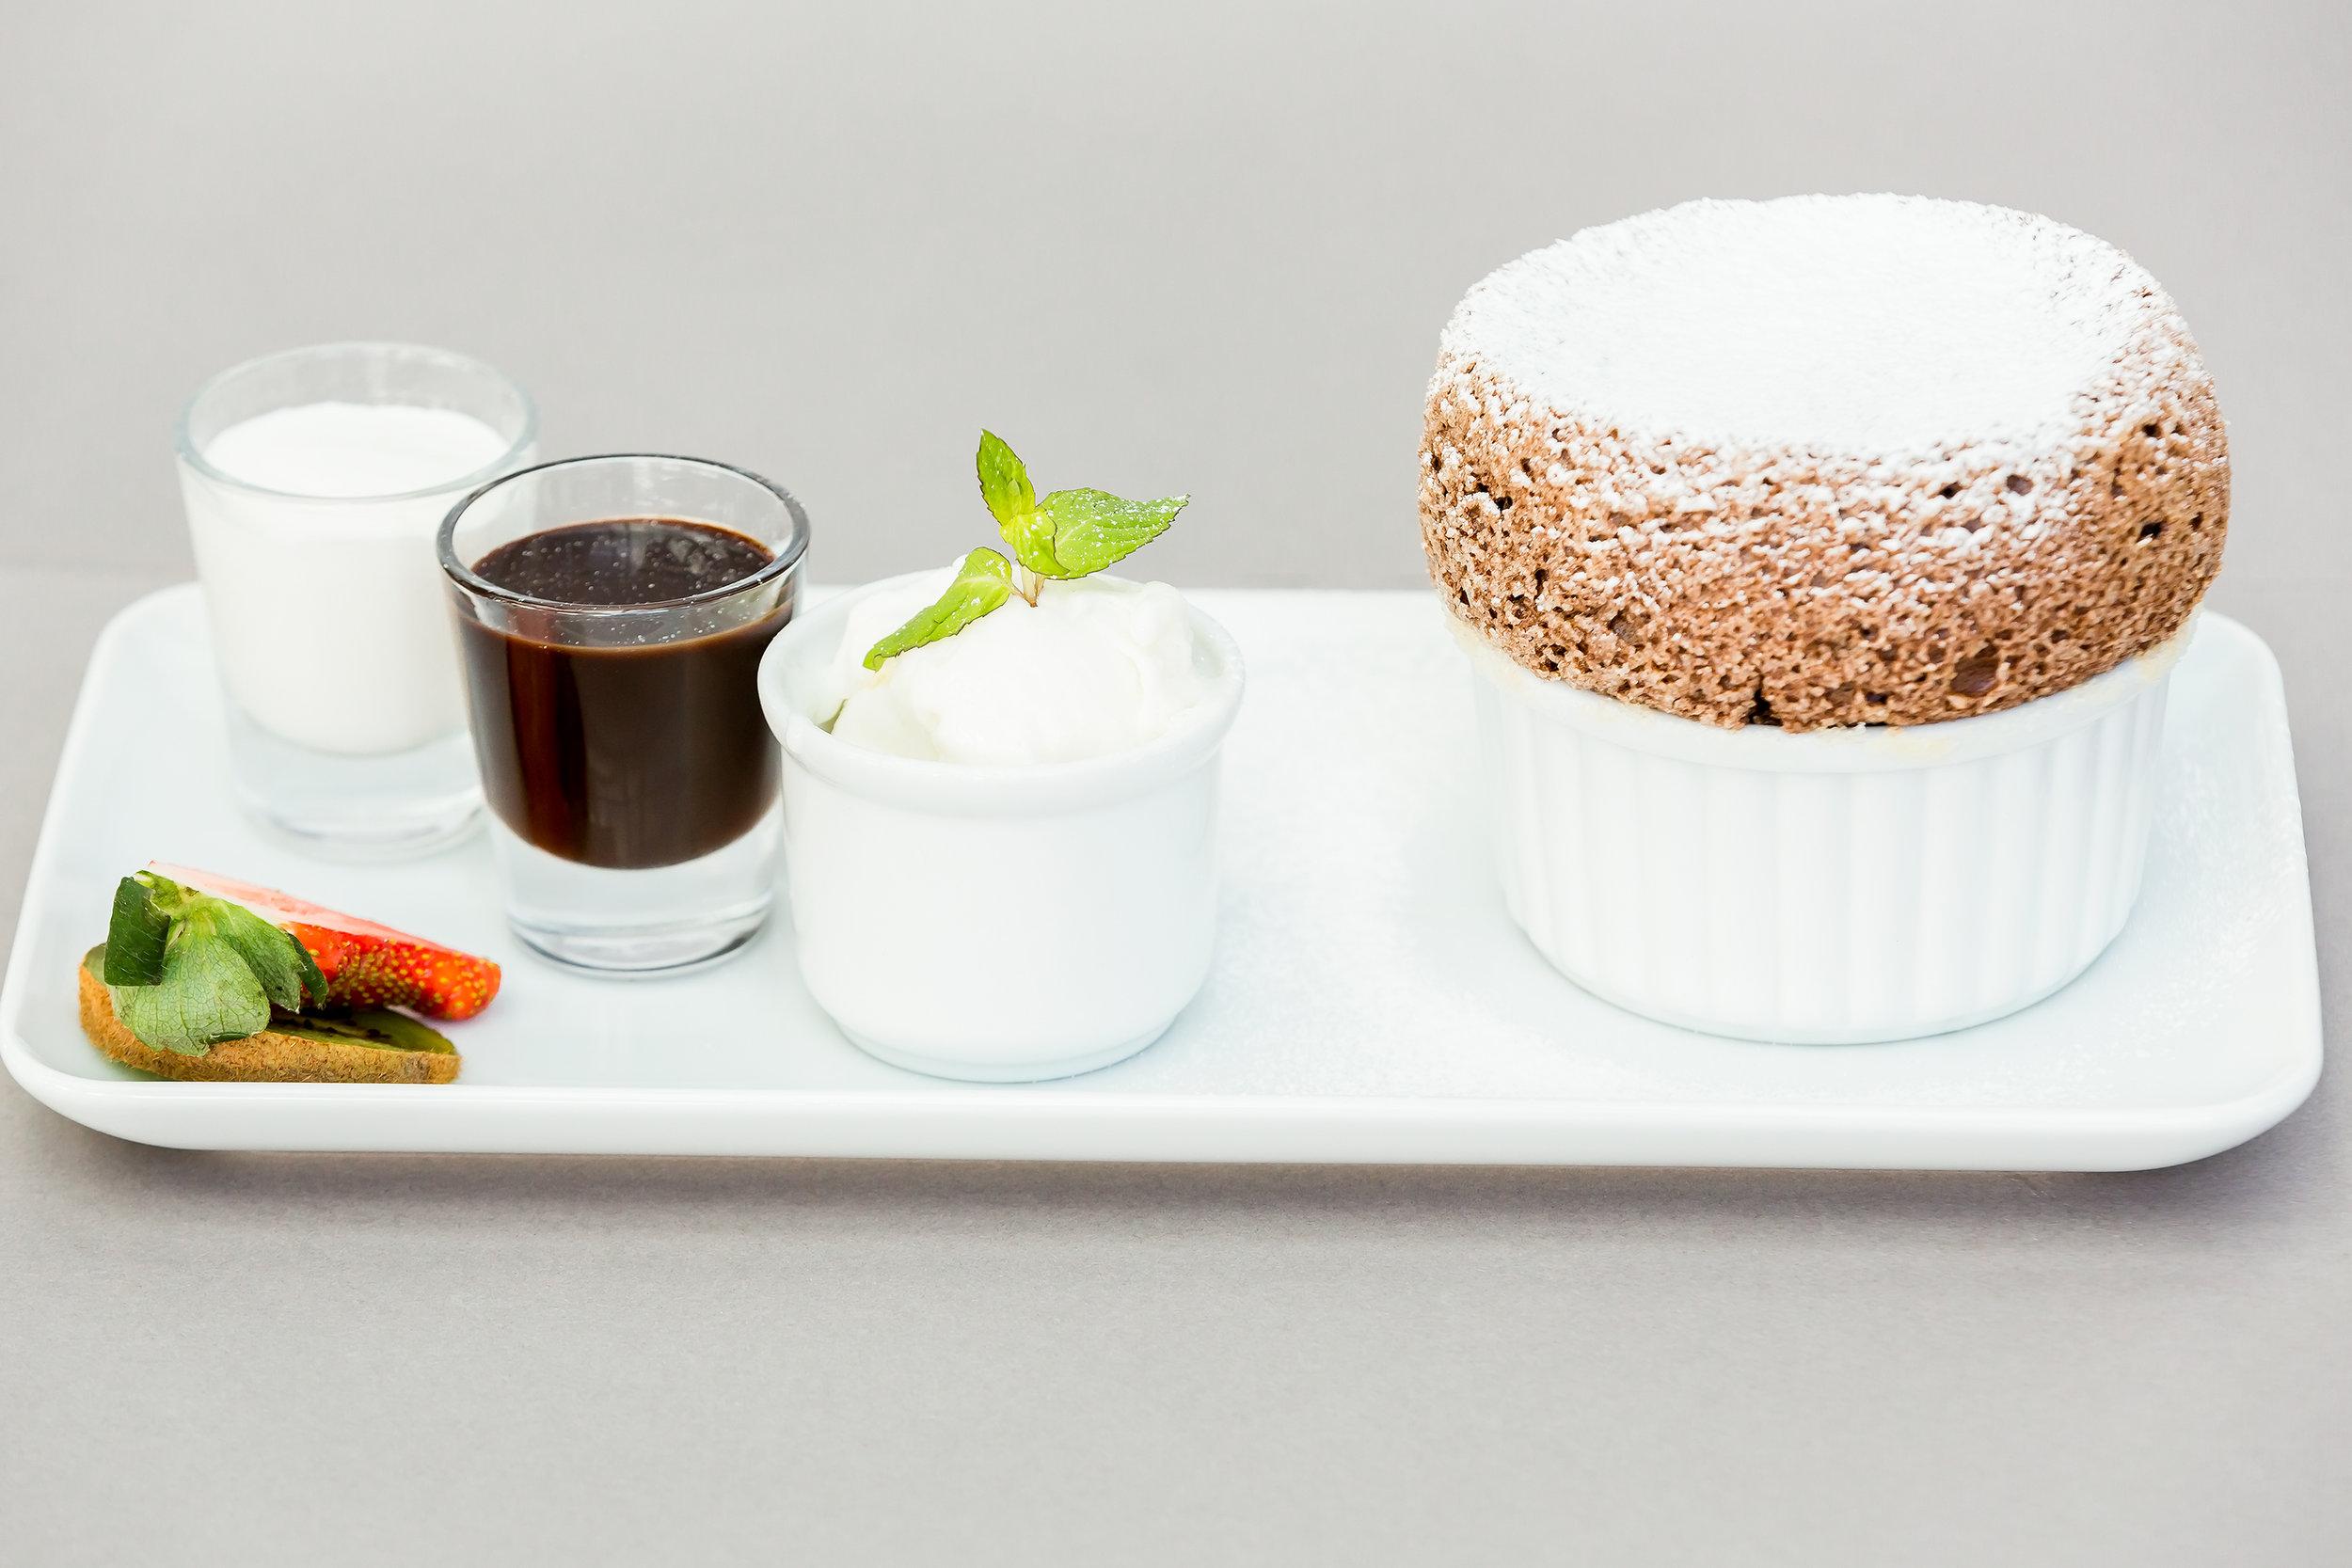 Mousses, Souffles & Frozen Desserts